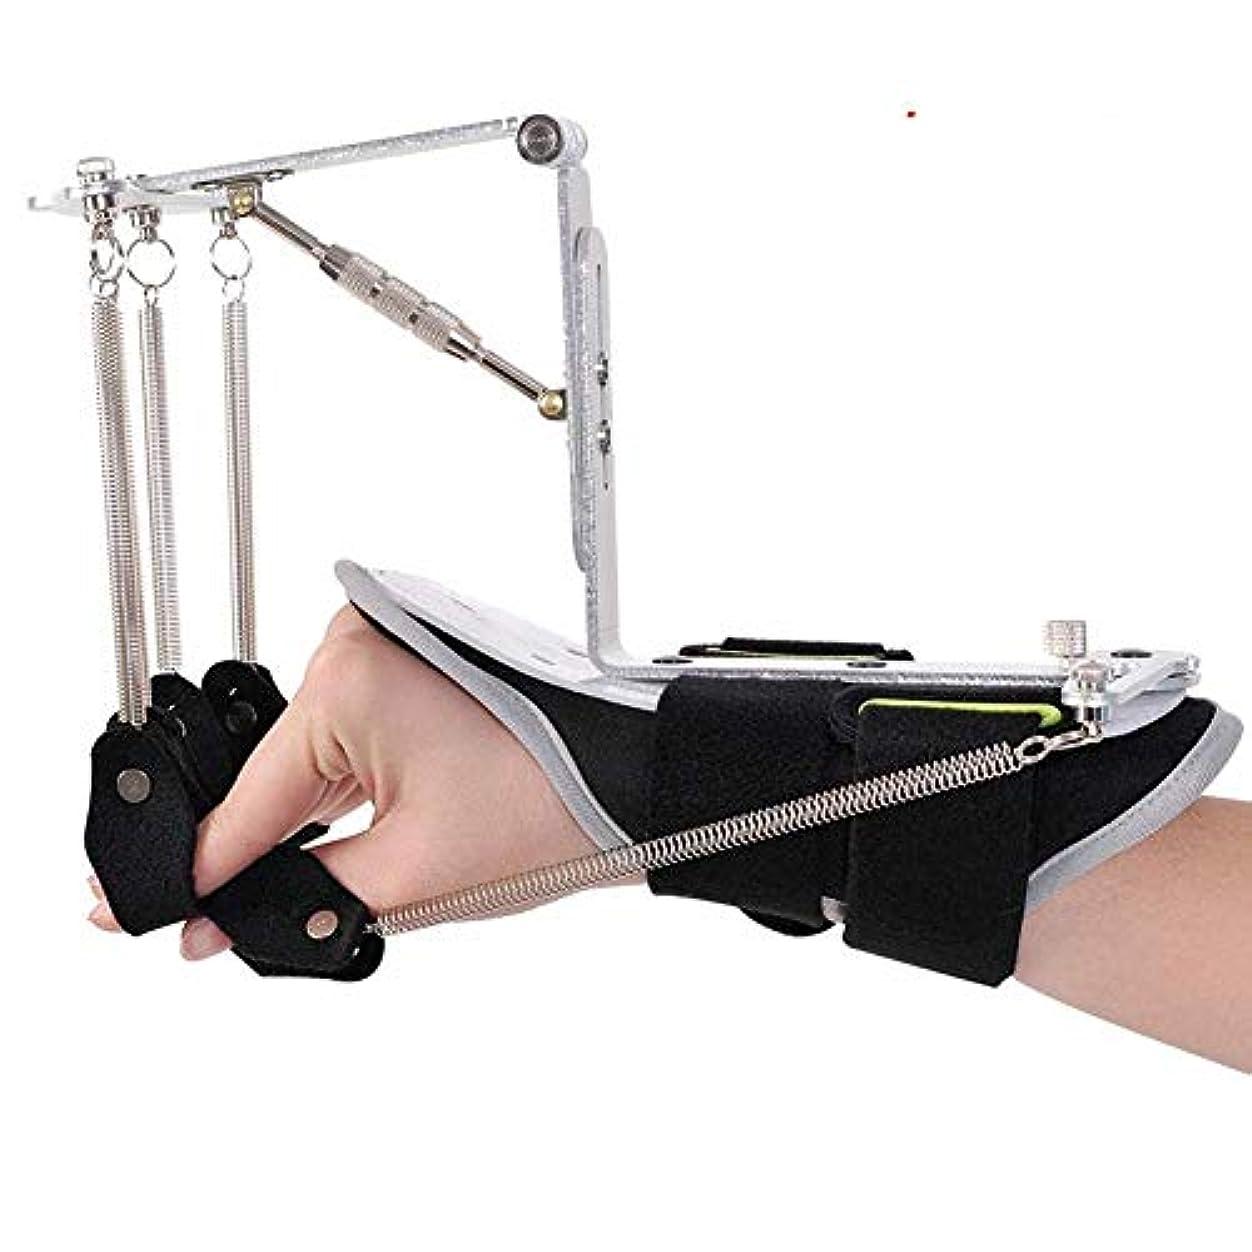 必需品旅行代理店ジャンク片麻痺患者の指の怪我のサポート、手首のリハビリテーショントレーニング、脳卒中装具,A